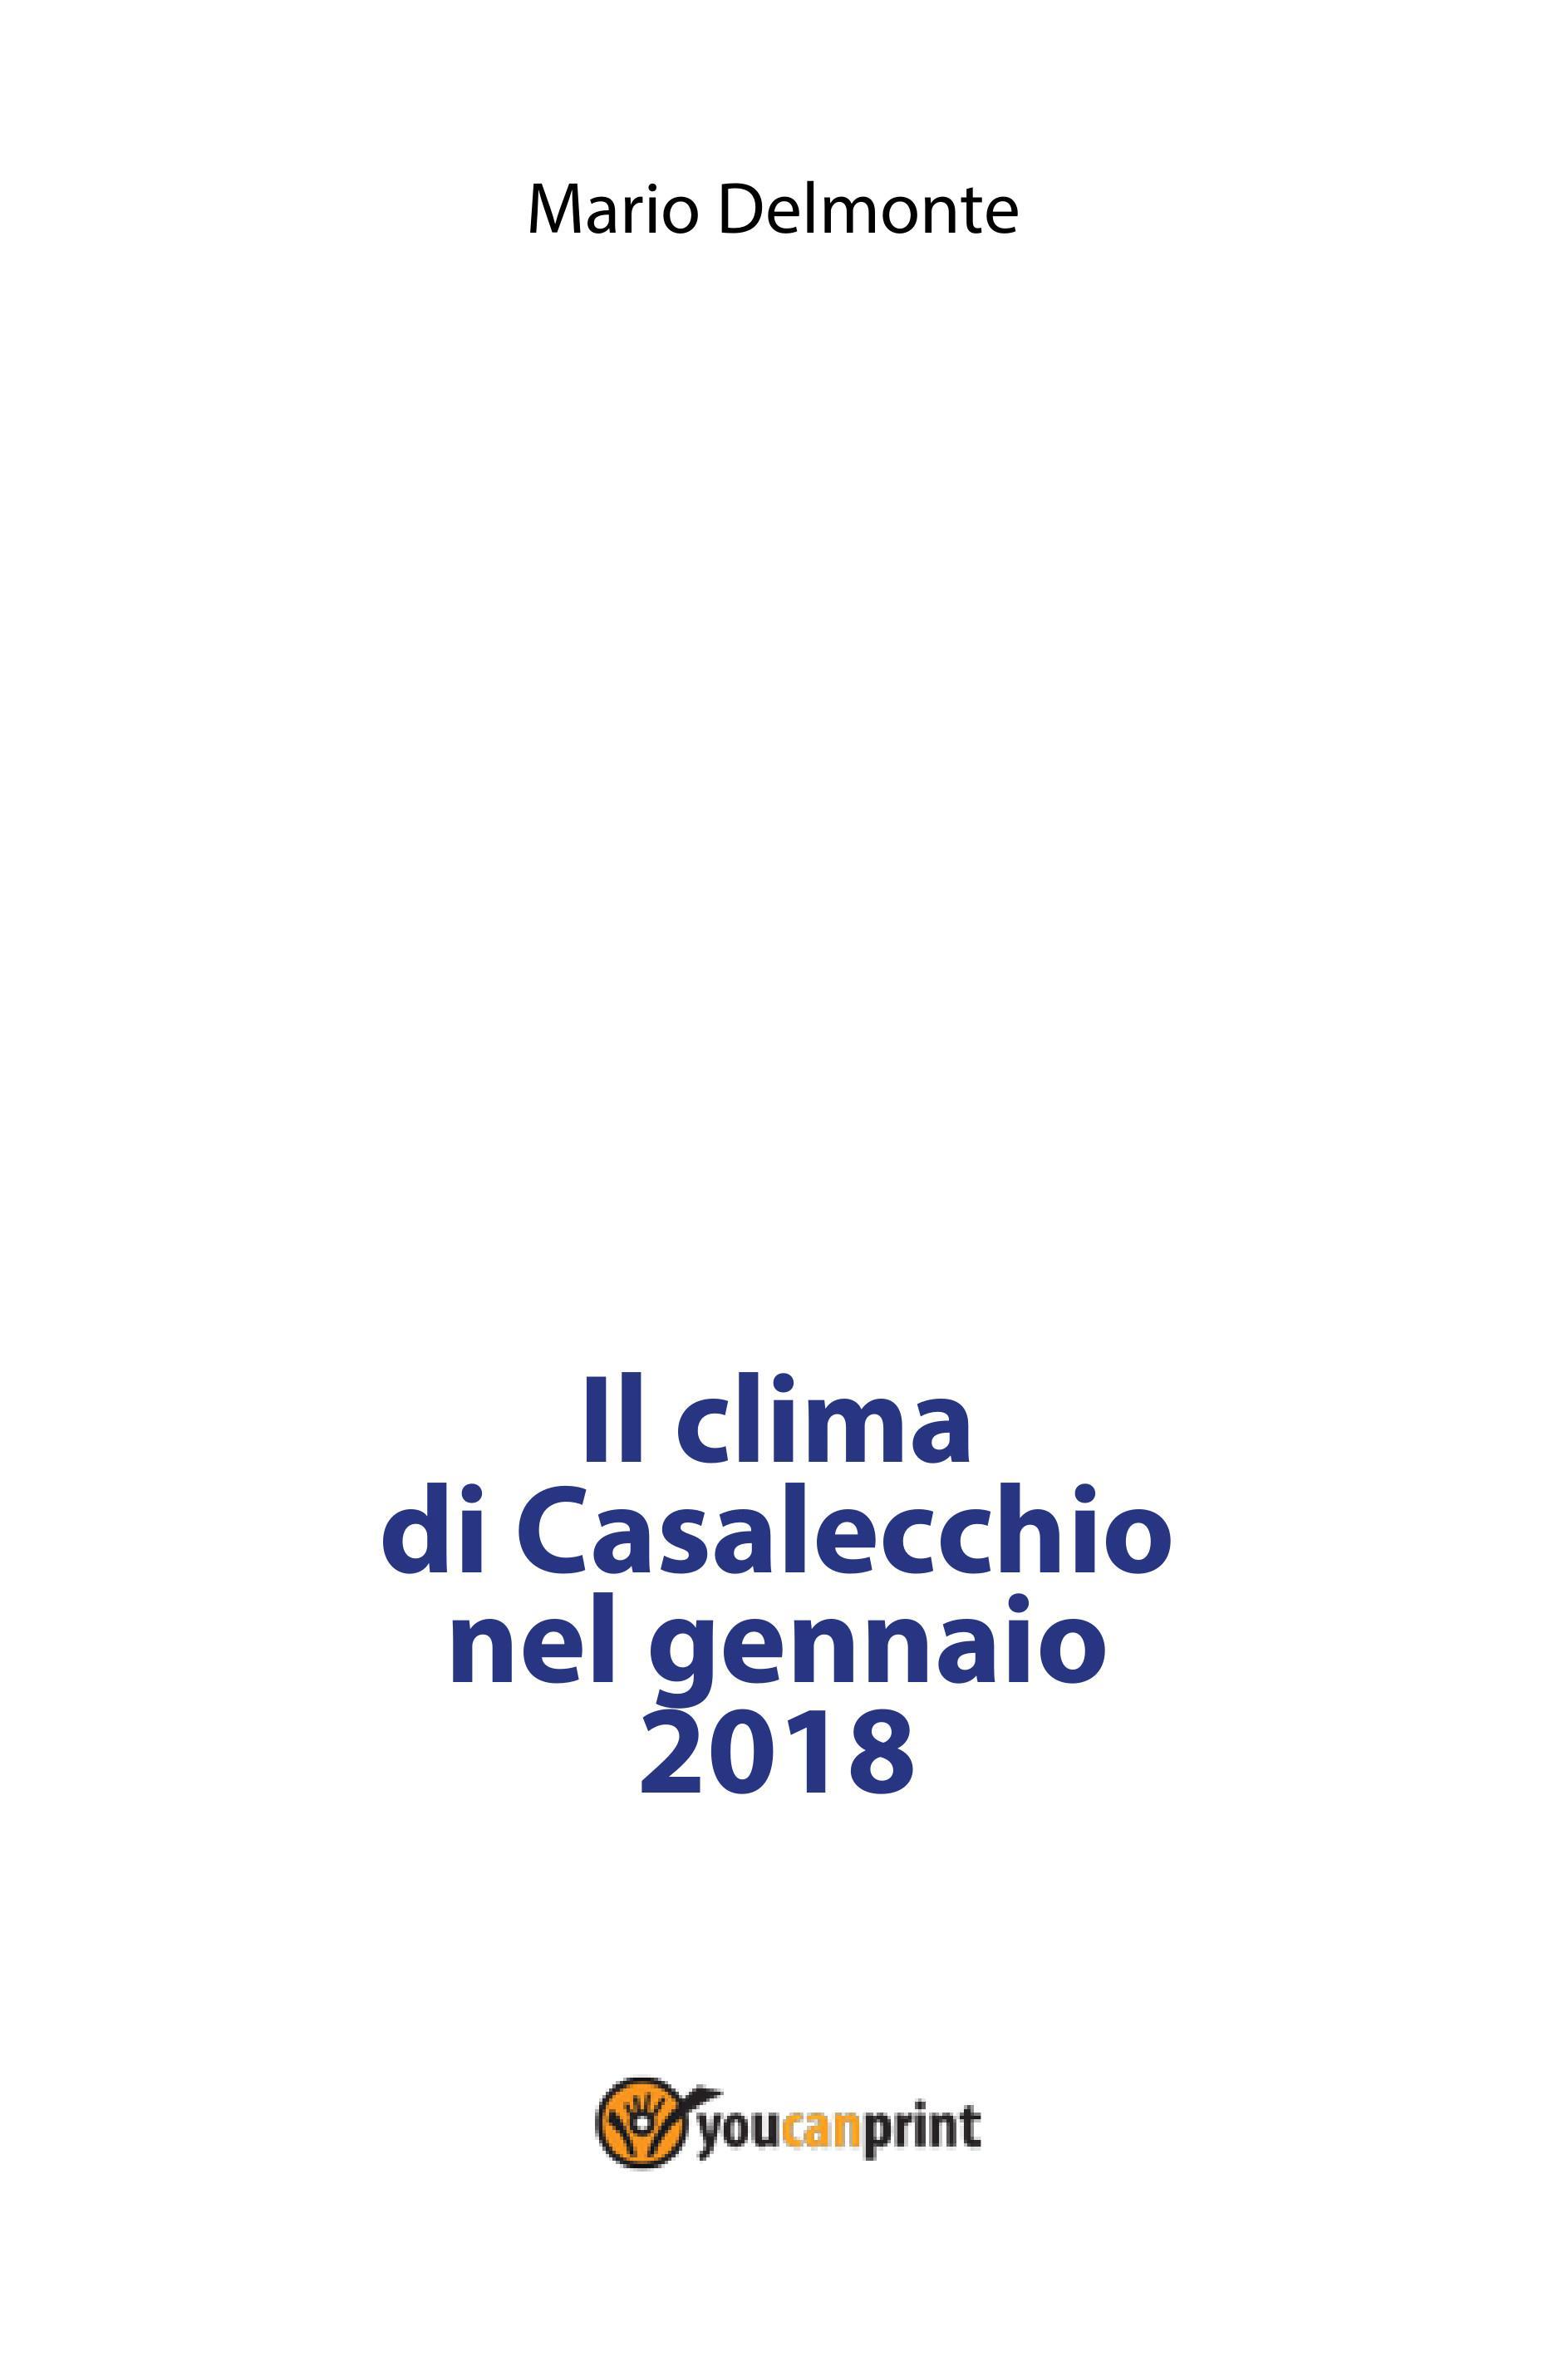 Il clima di Casalecchio nel gennaio 2018